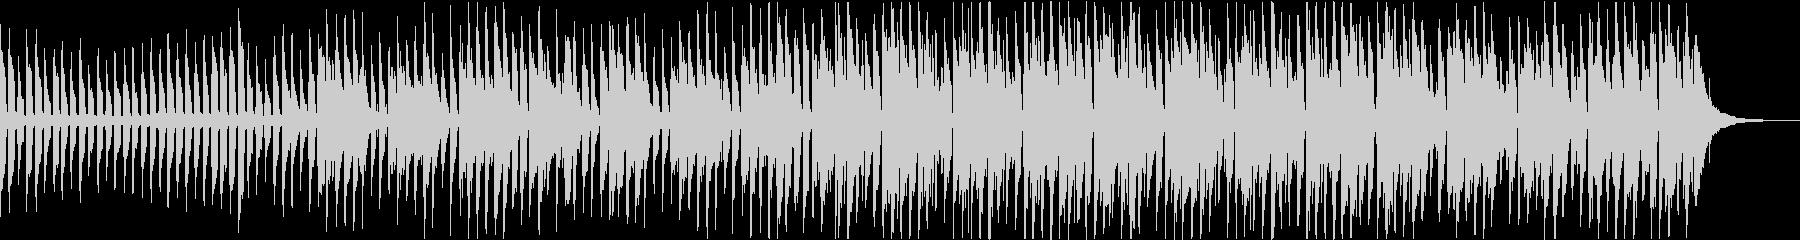 ウクレレ&マリンバ ほのぼの軽快な曲の未再生の波形